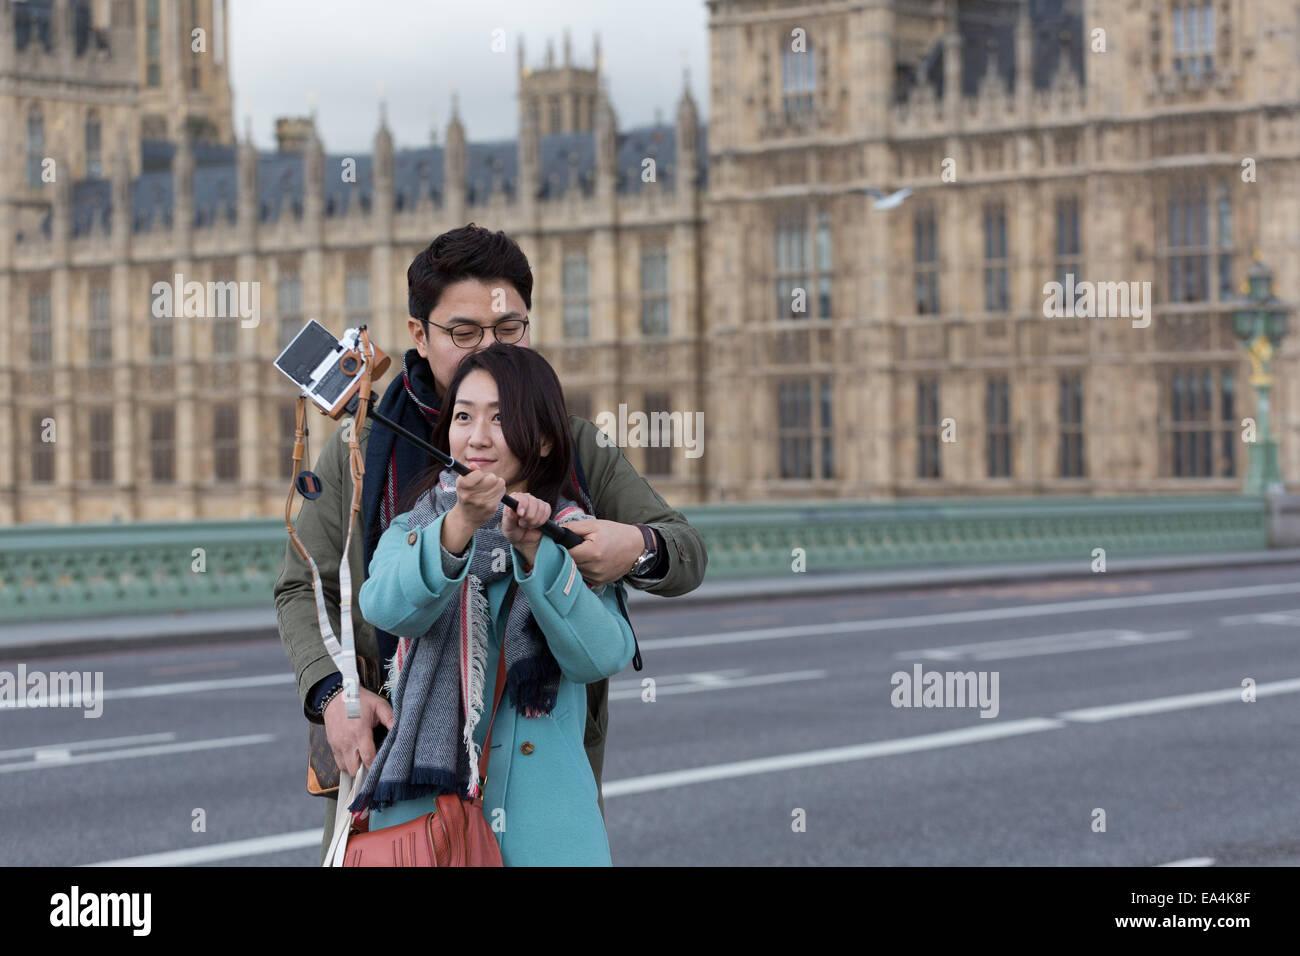 Due turisti cinesi a Londra cattura un selfie fotografia utilizzando una telecamera attaccata a un bastone selfie Immagini Stock